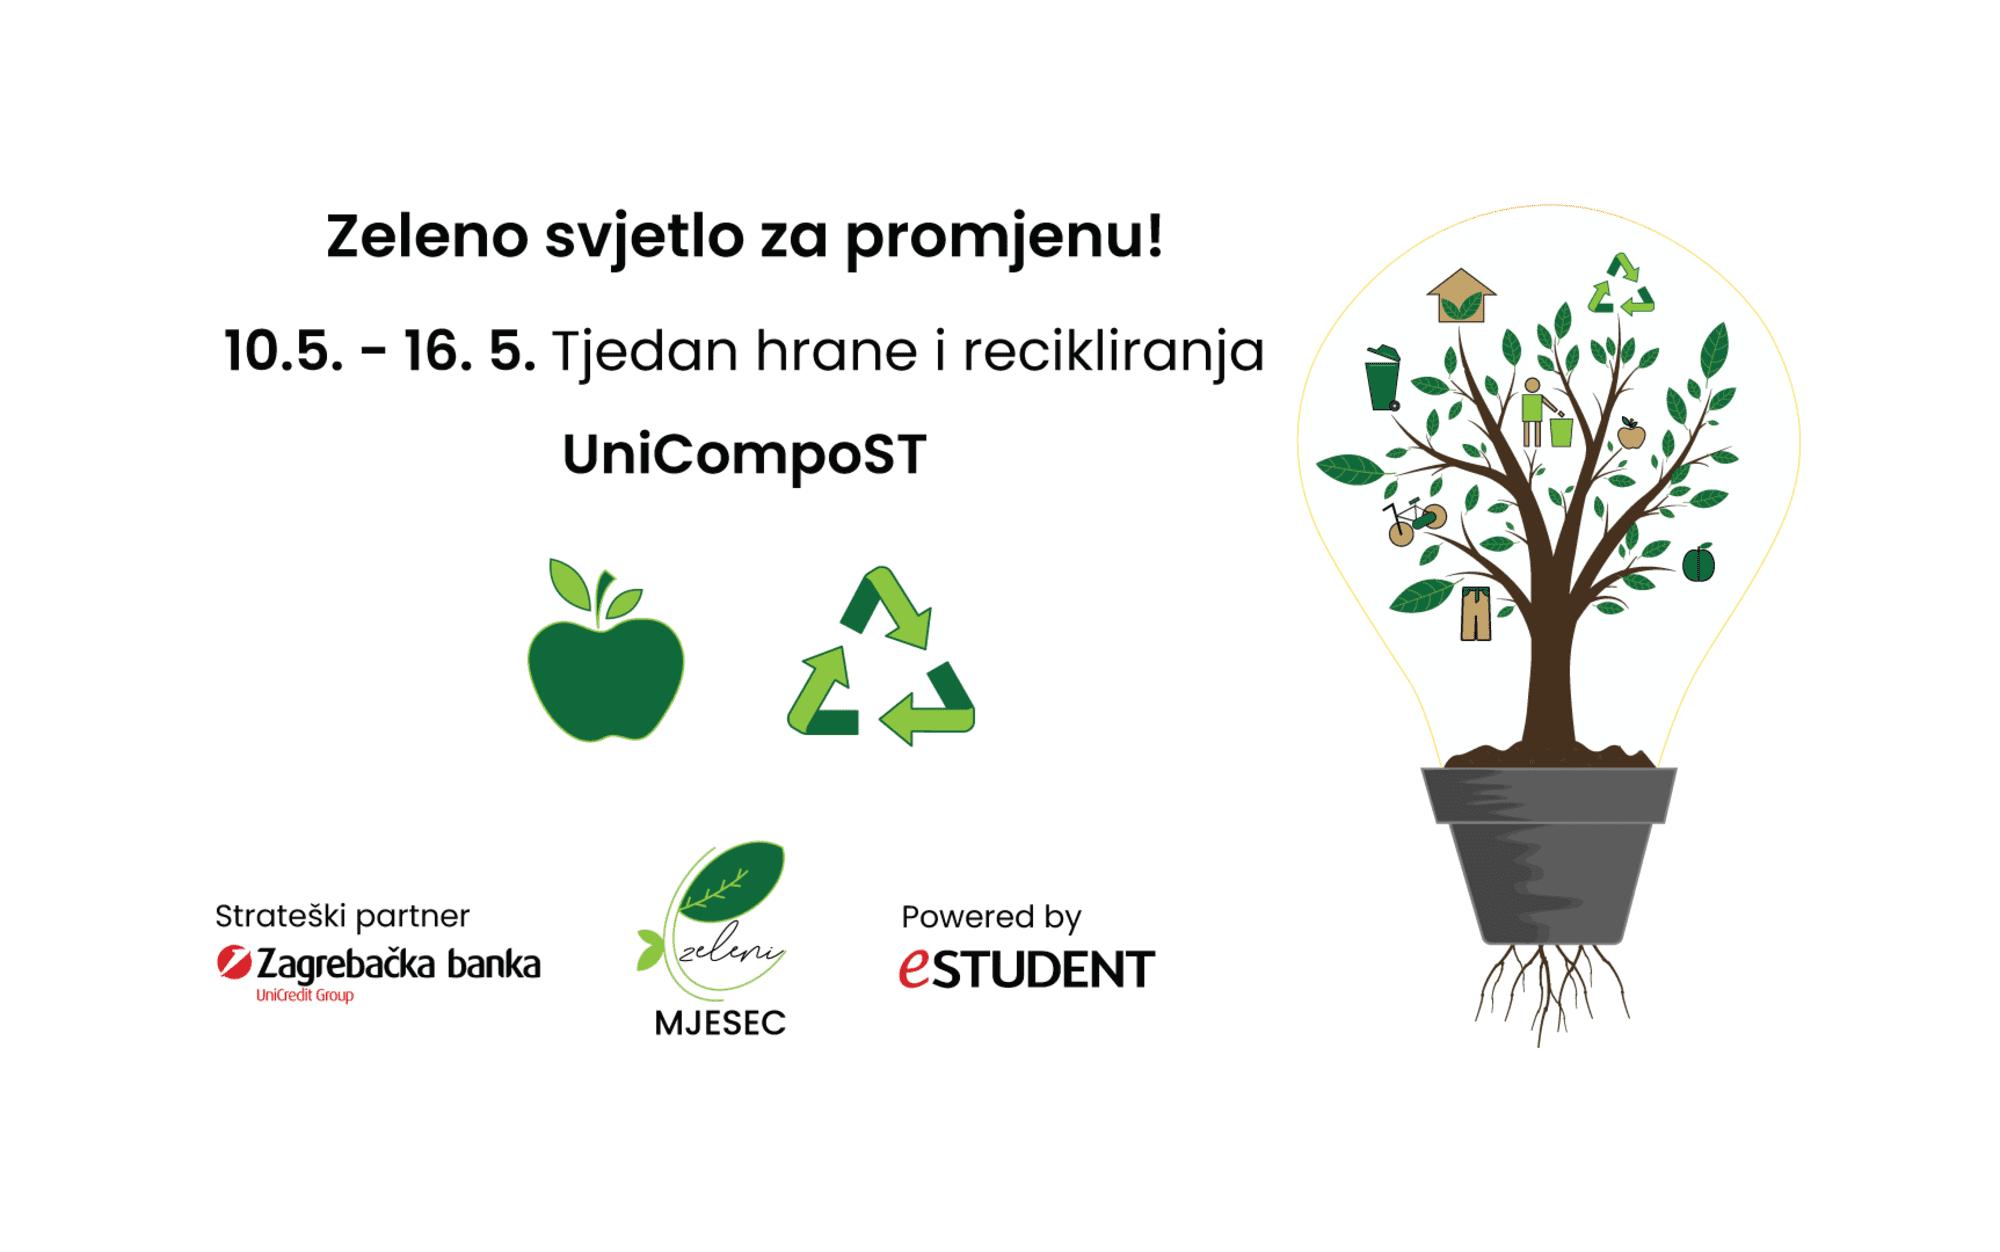 Članovi UniCompoSTa otkrili su nam kako postati gospodar otpada i komposta